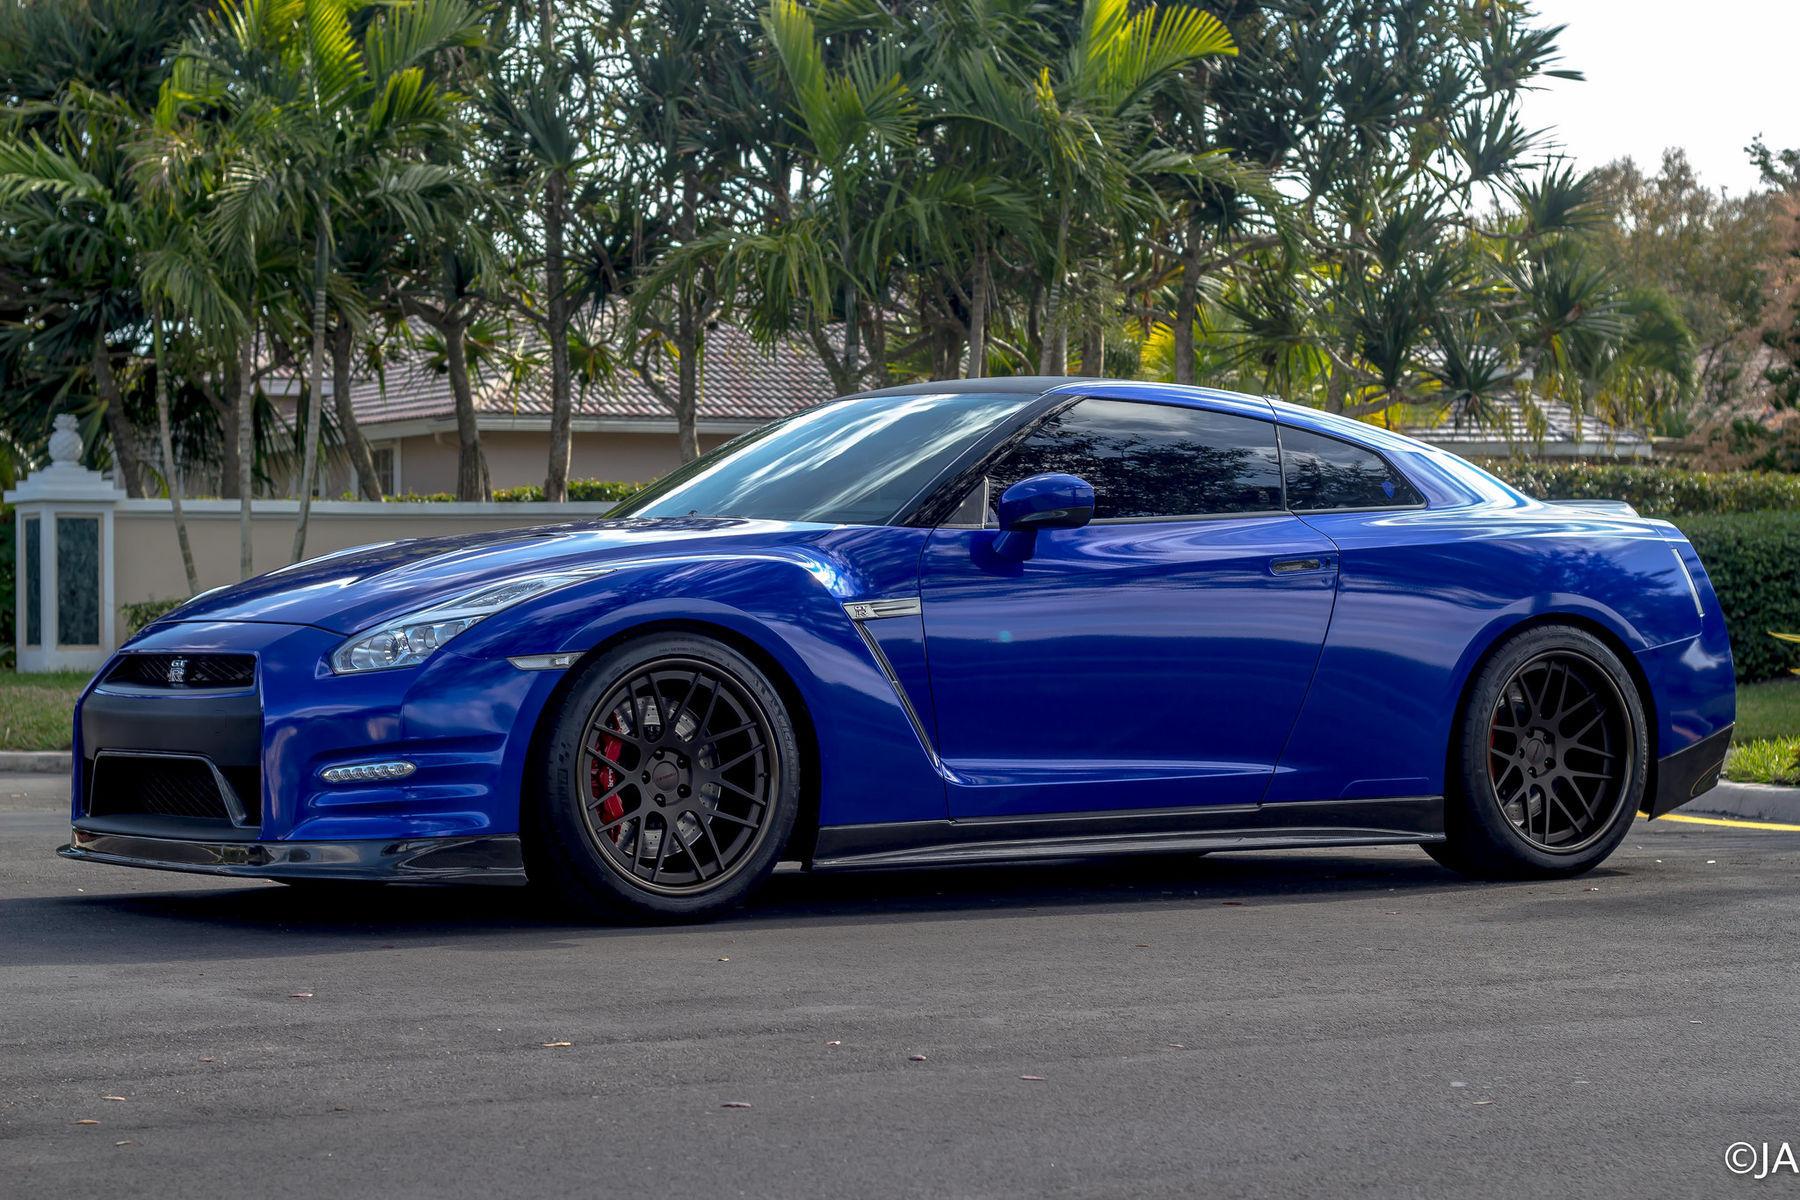 2010 Nissan GT-R | Jimmy Alvarez's Nissan GT-R on Forgeline DE3C Concave Wheels